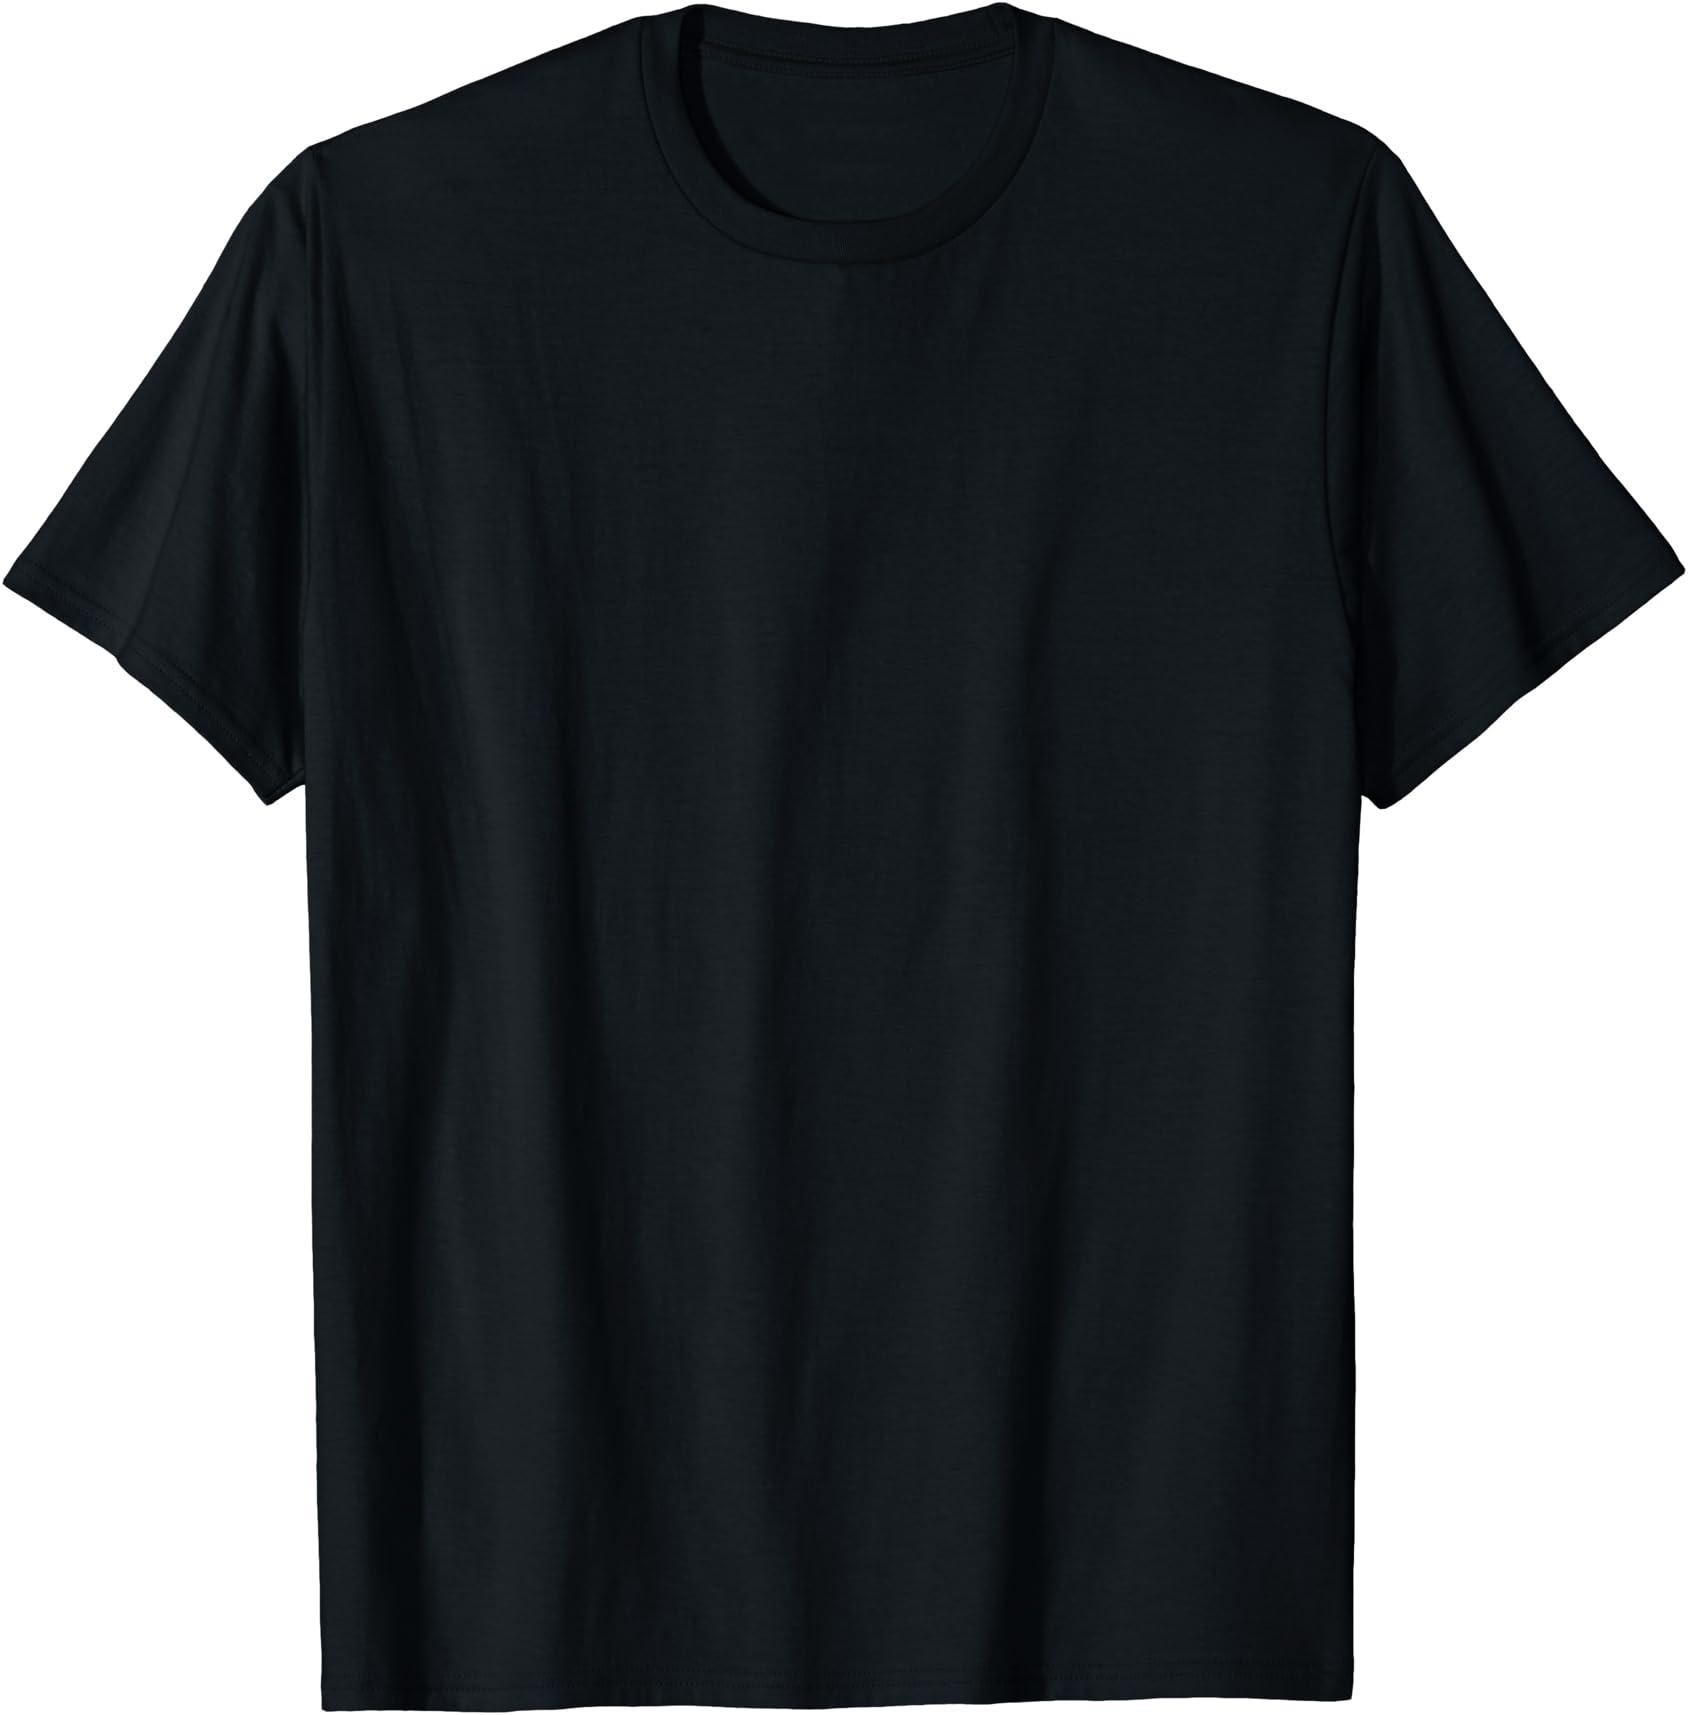 Daddy/'s Valentine Valentines Day Children/'s Kids T Shirts T-Shirt Top Cute